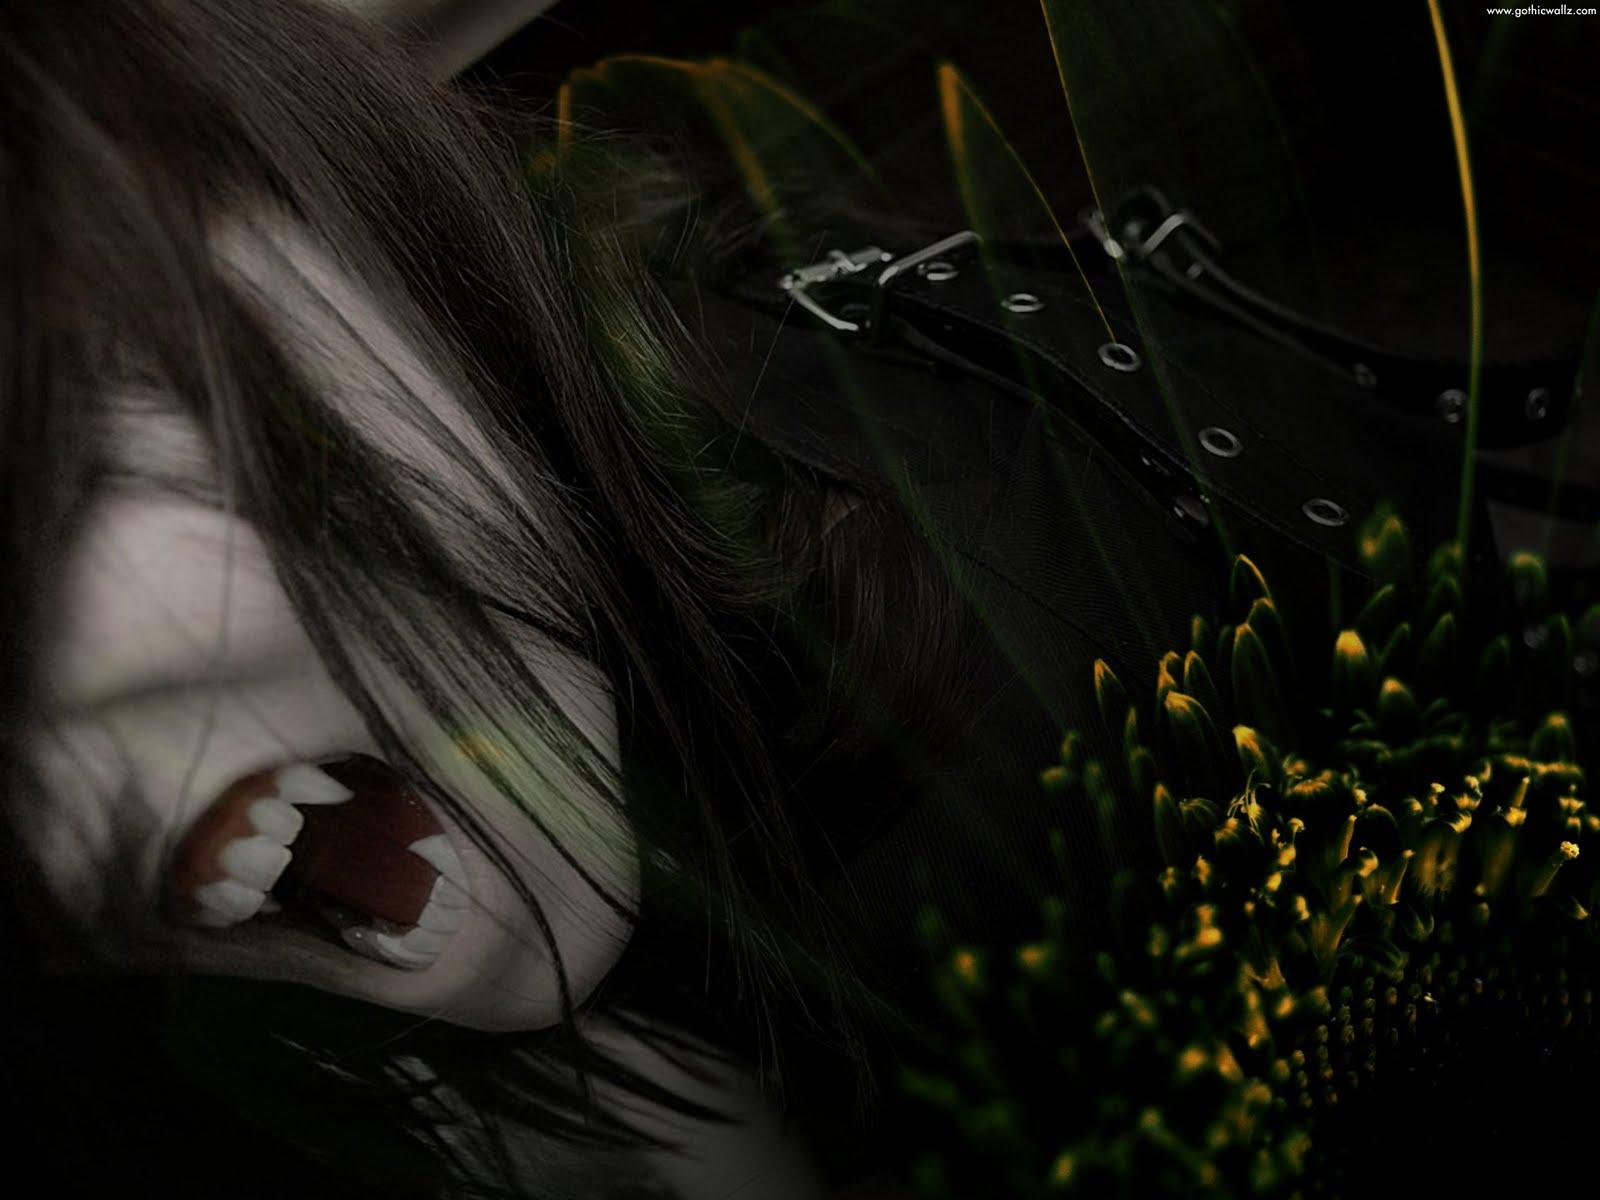 Emo Gothic Vampire    Dark Gothic Wallpaper Download